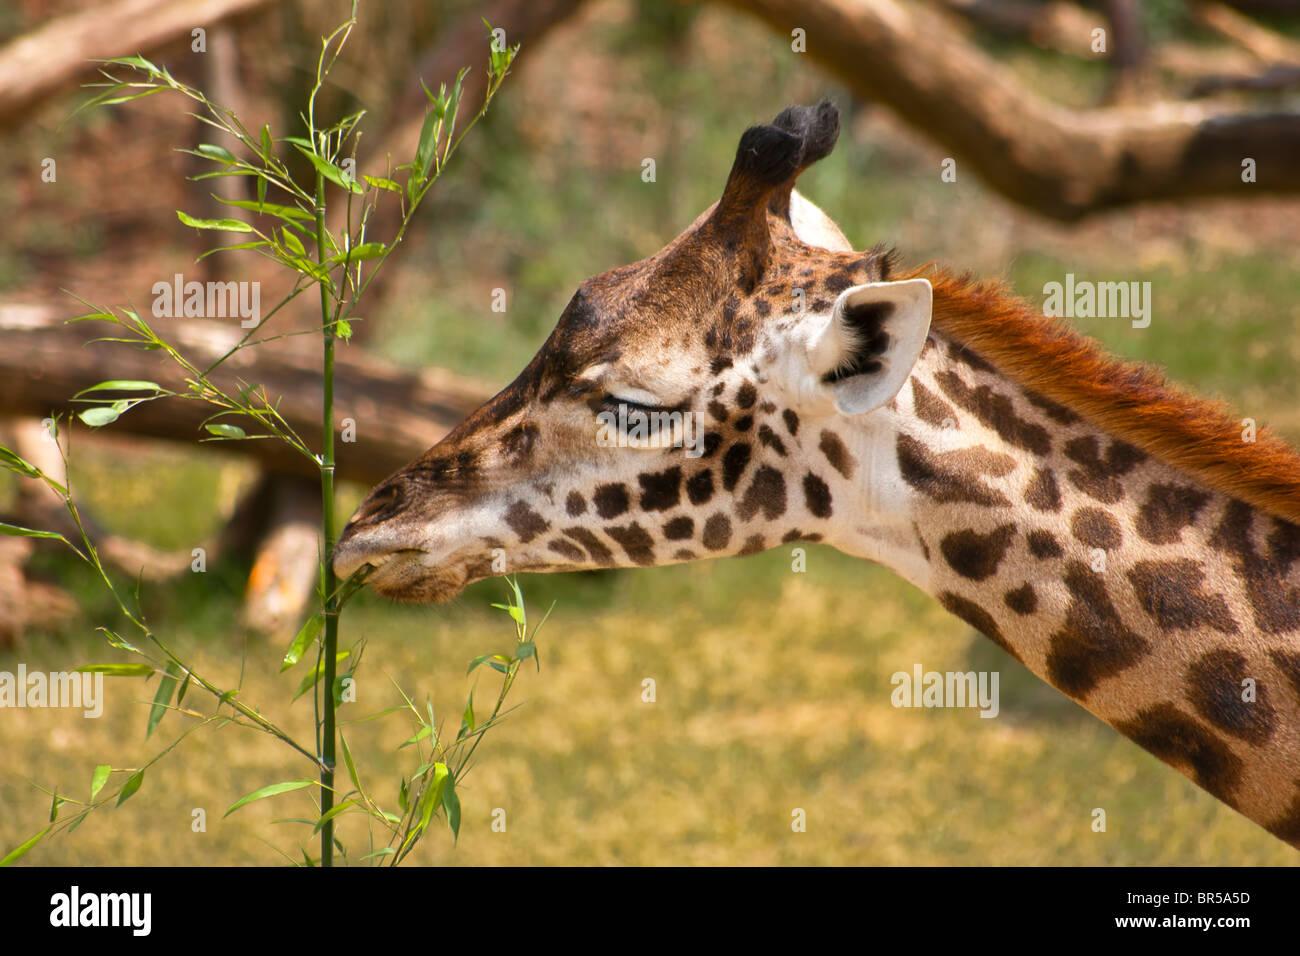 The Giraffe (Giraffa camelopardalis) - Stock Image